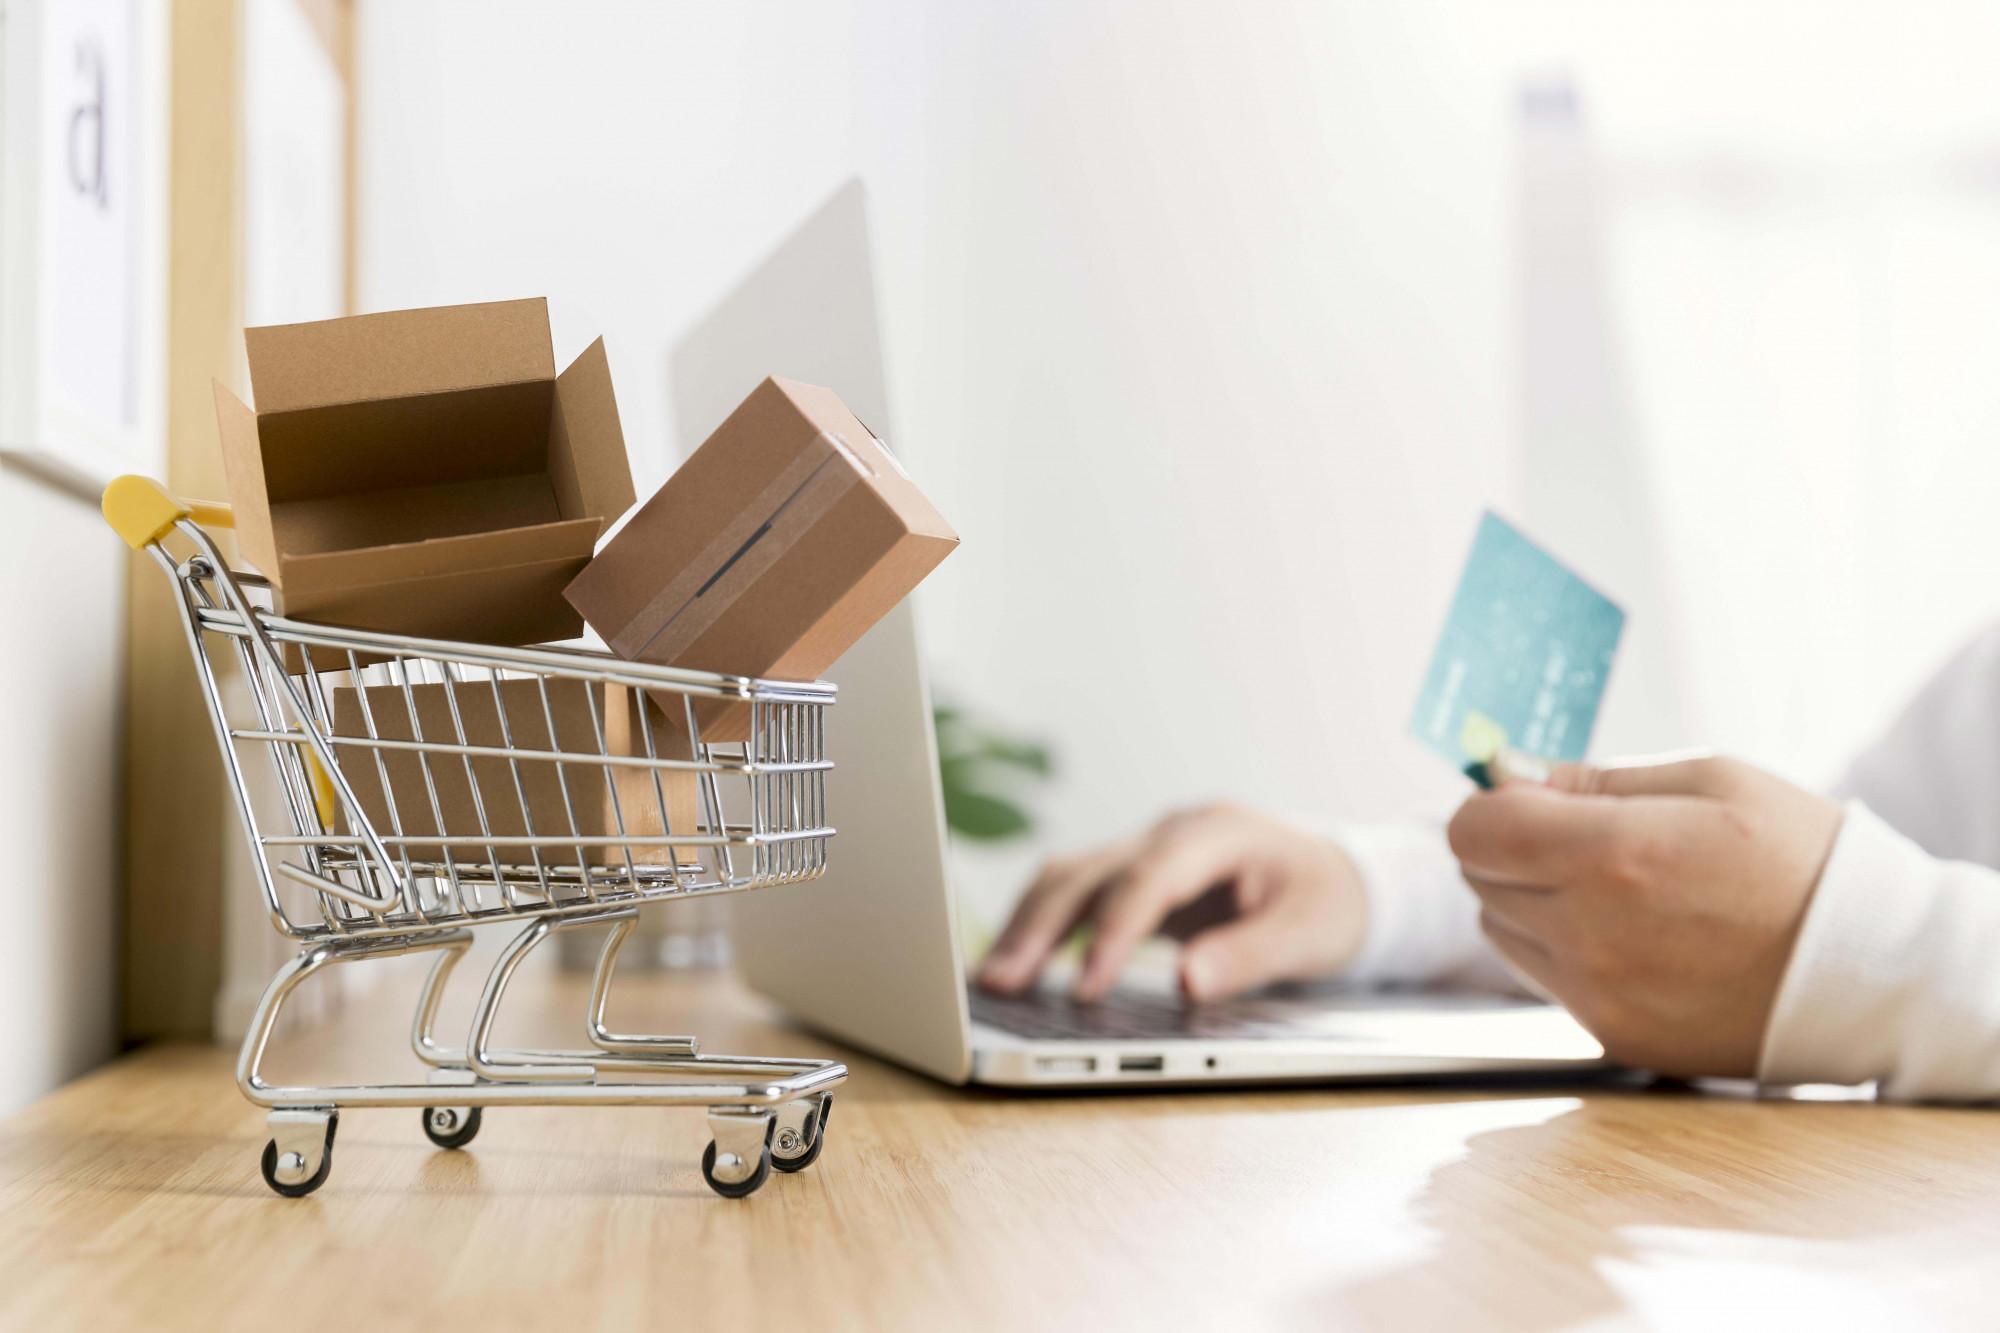 Rất nhiều người chuyển hoàn toàn sang mua sắm online trong thời điểm giãn cách xã hội nên các khoản phí thanh toán, phí chuyển khoản khi mua hàng... trong thời gian dài là không hề nhỏ - Ảnh minh họa